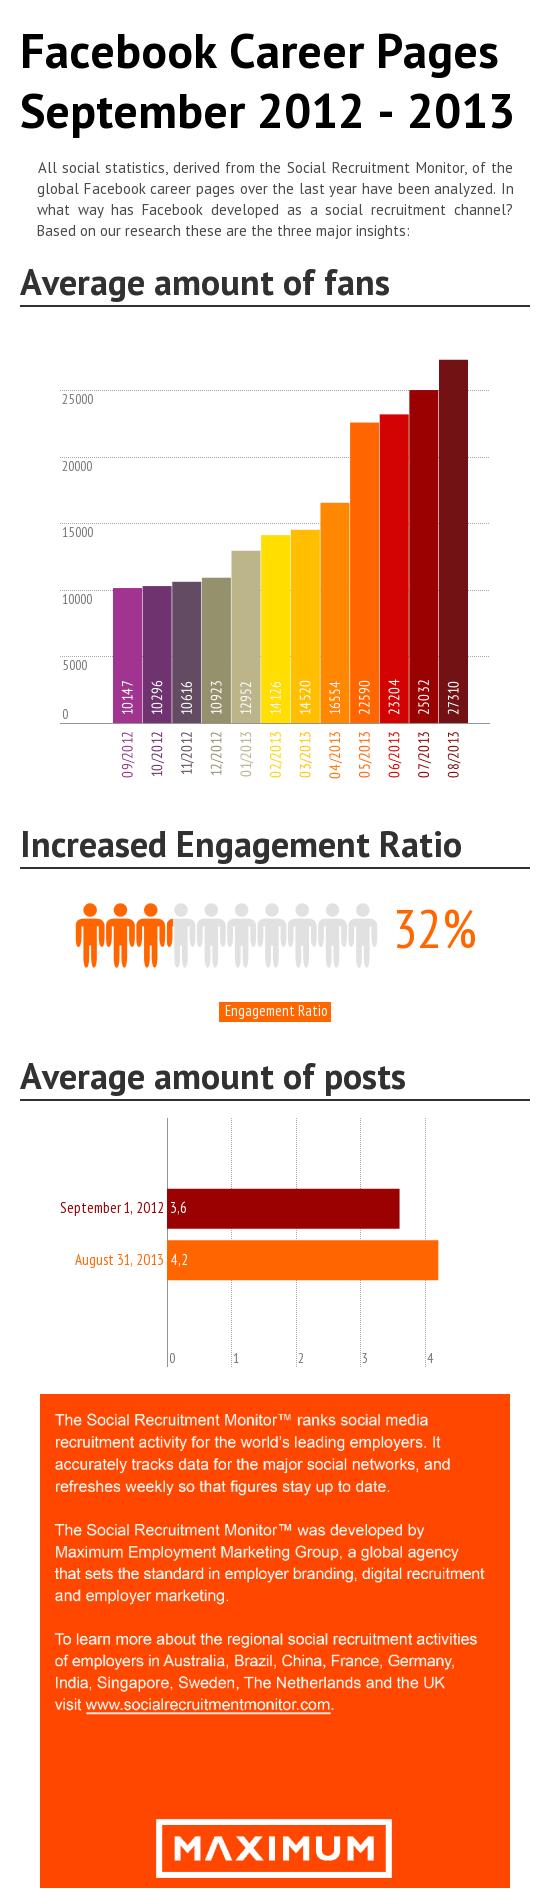 Facebook Career Pages September 2012-2013 (via SocialRecruitmentMonitor.com)